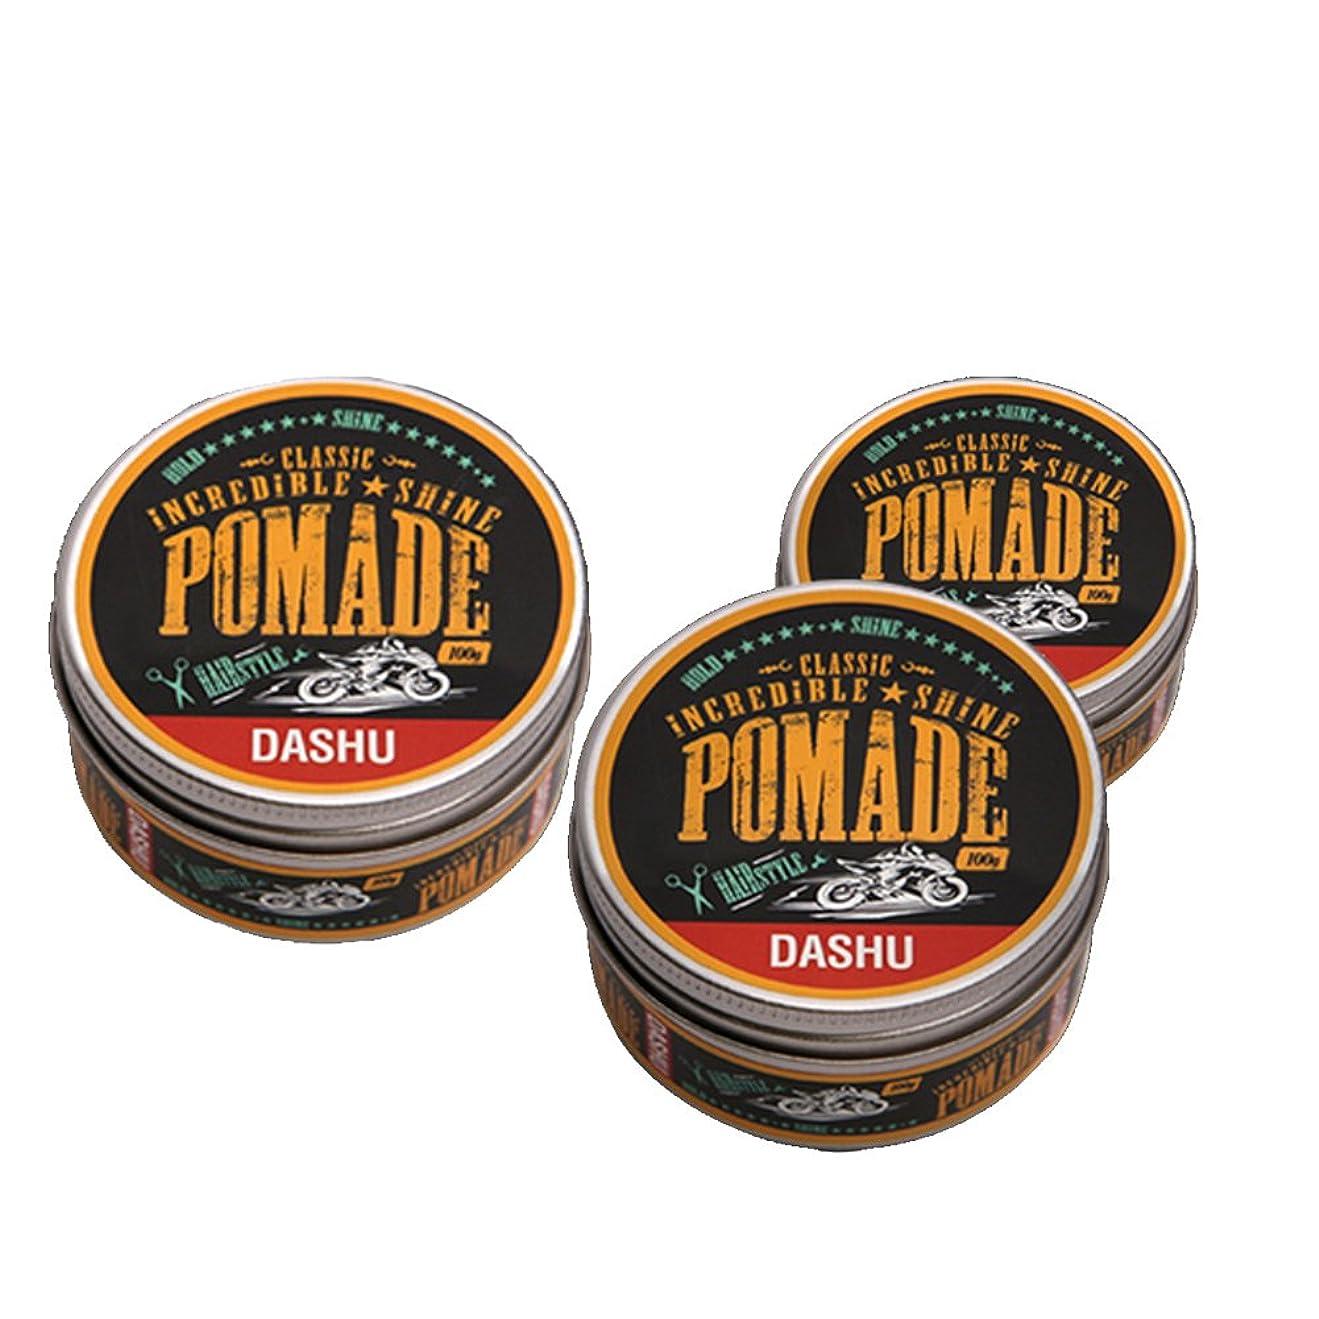 ボイコット衝突ナプキン(3個セット) x [DASHU] ダシュ クラシック 信じられないほどの輝き ポマードワックス Classic Incredible Shine Pomade Hair Wax 100ml / 韓国製 . 韓国直送品